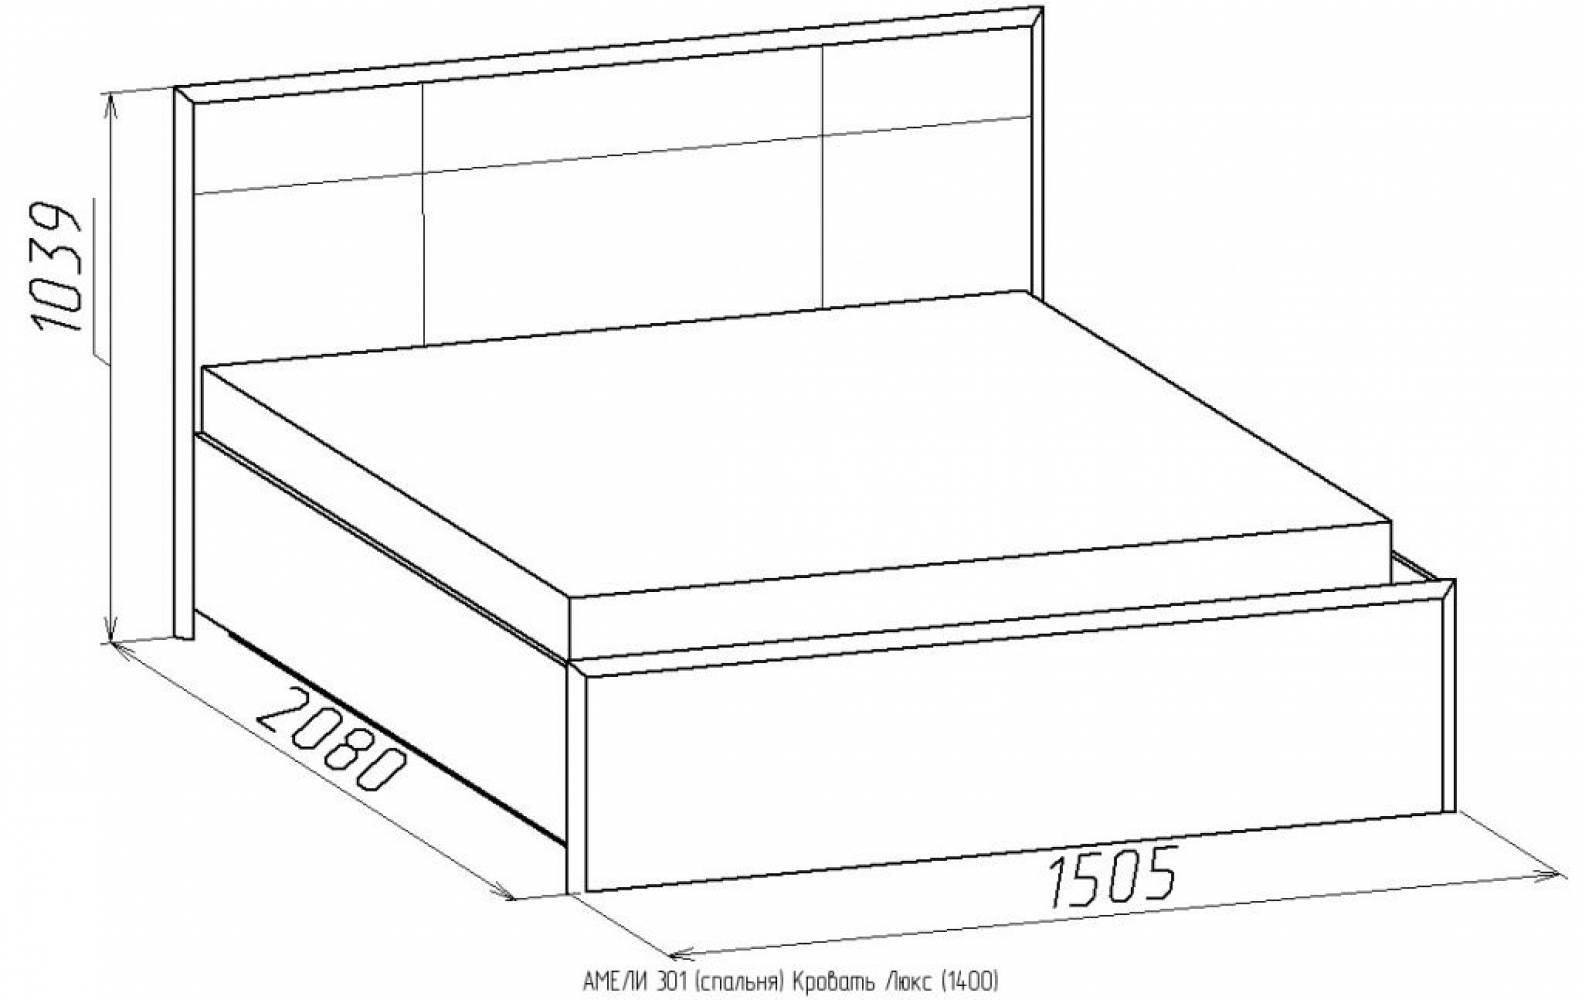 АМЕЛИ 301 Кровать ЛЮКС (1400) без основания, без матраса